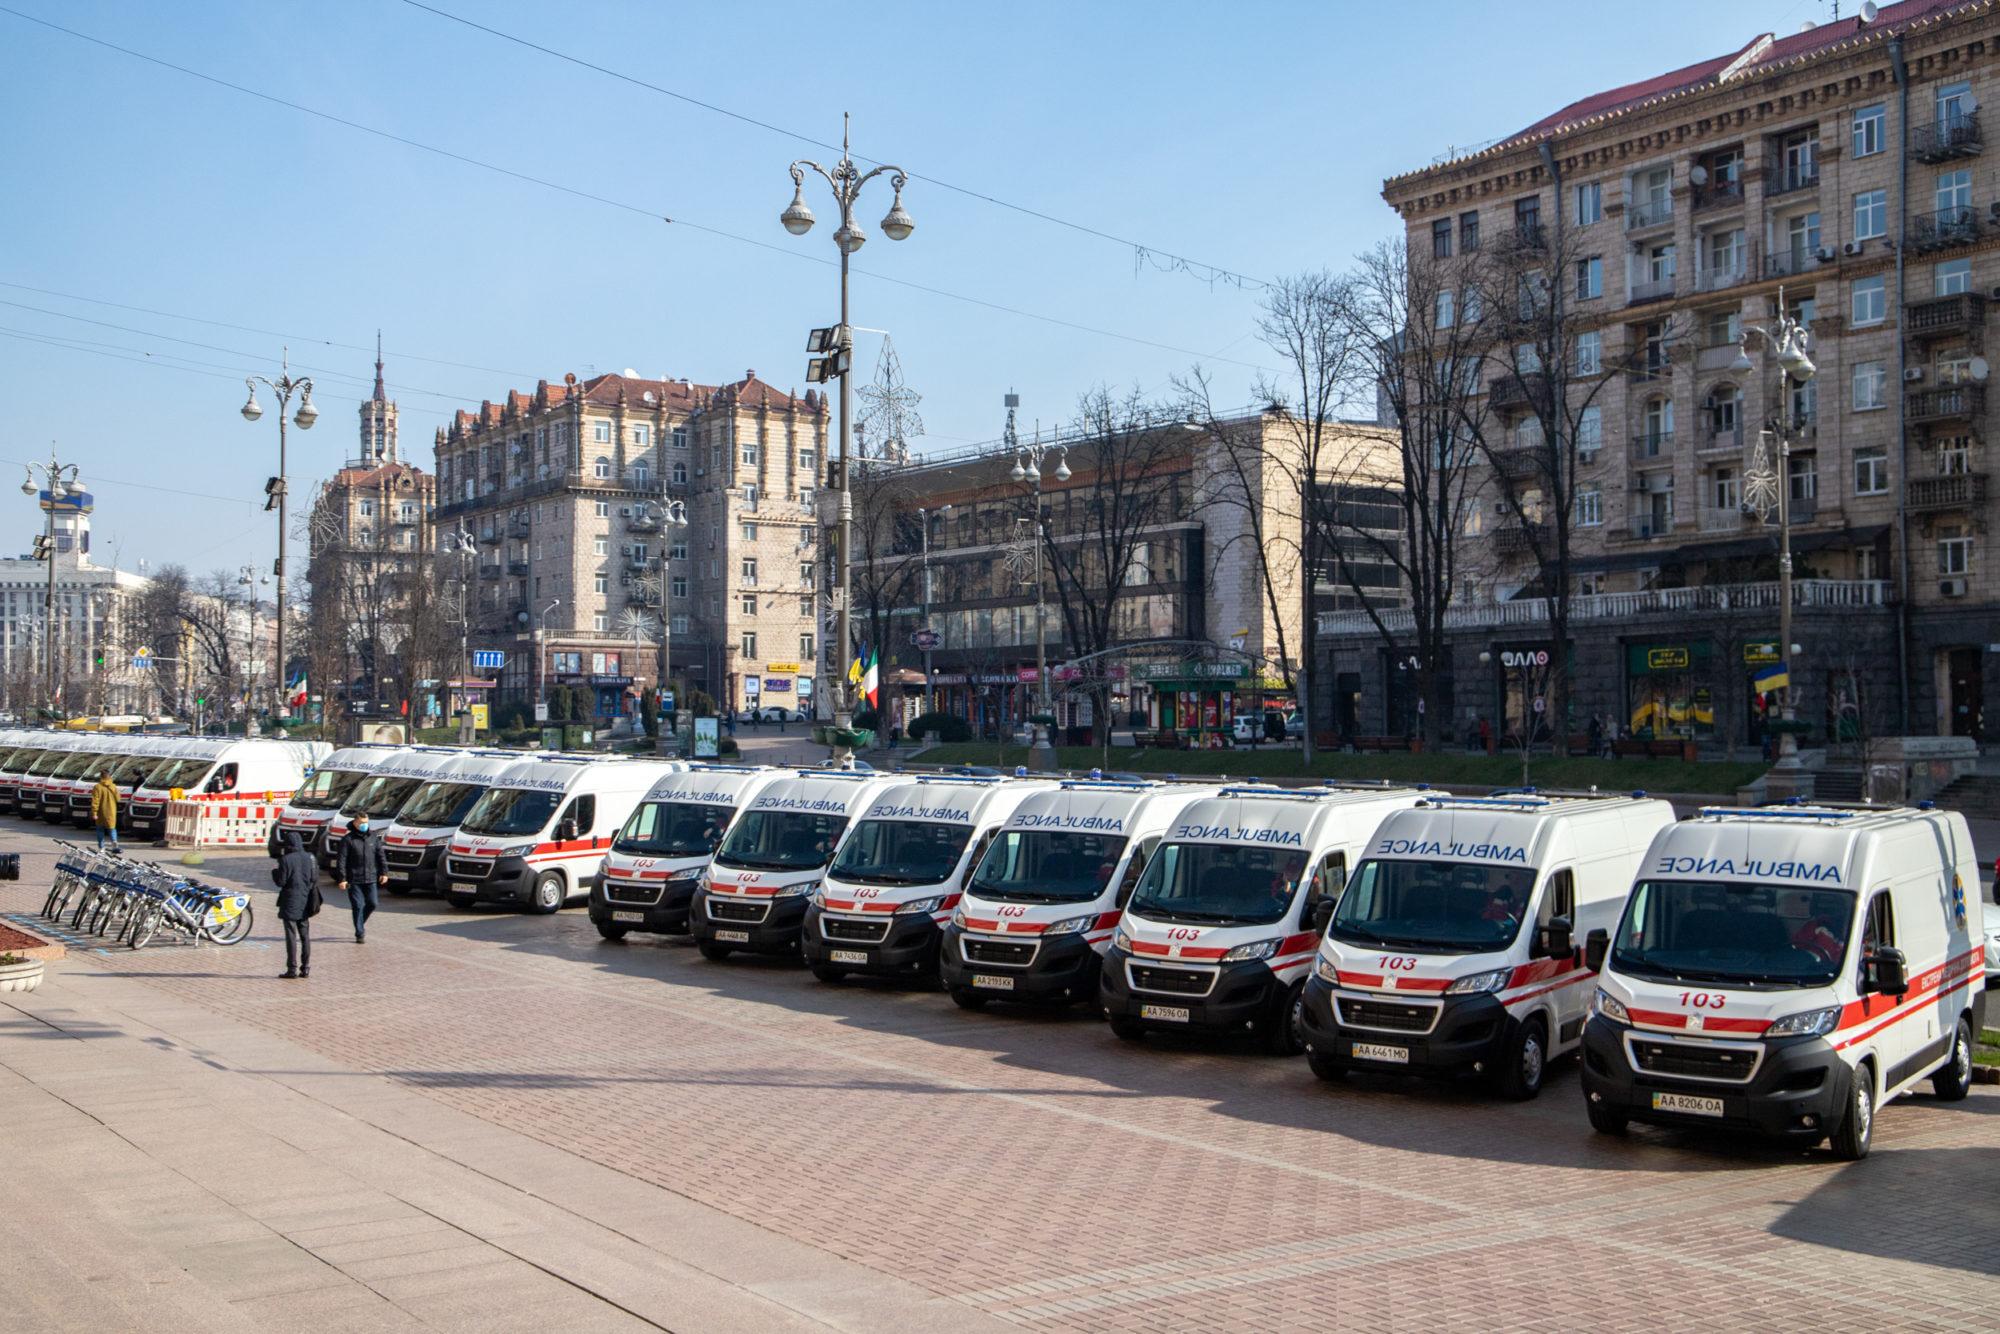 Медики столиці отримали від Віталія Кличка 39 нових «швидких» та 2 експрес-лабораторії для діагностування коронавірусу - коронавірус, Київ - imgbig 4 1 2000x1334